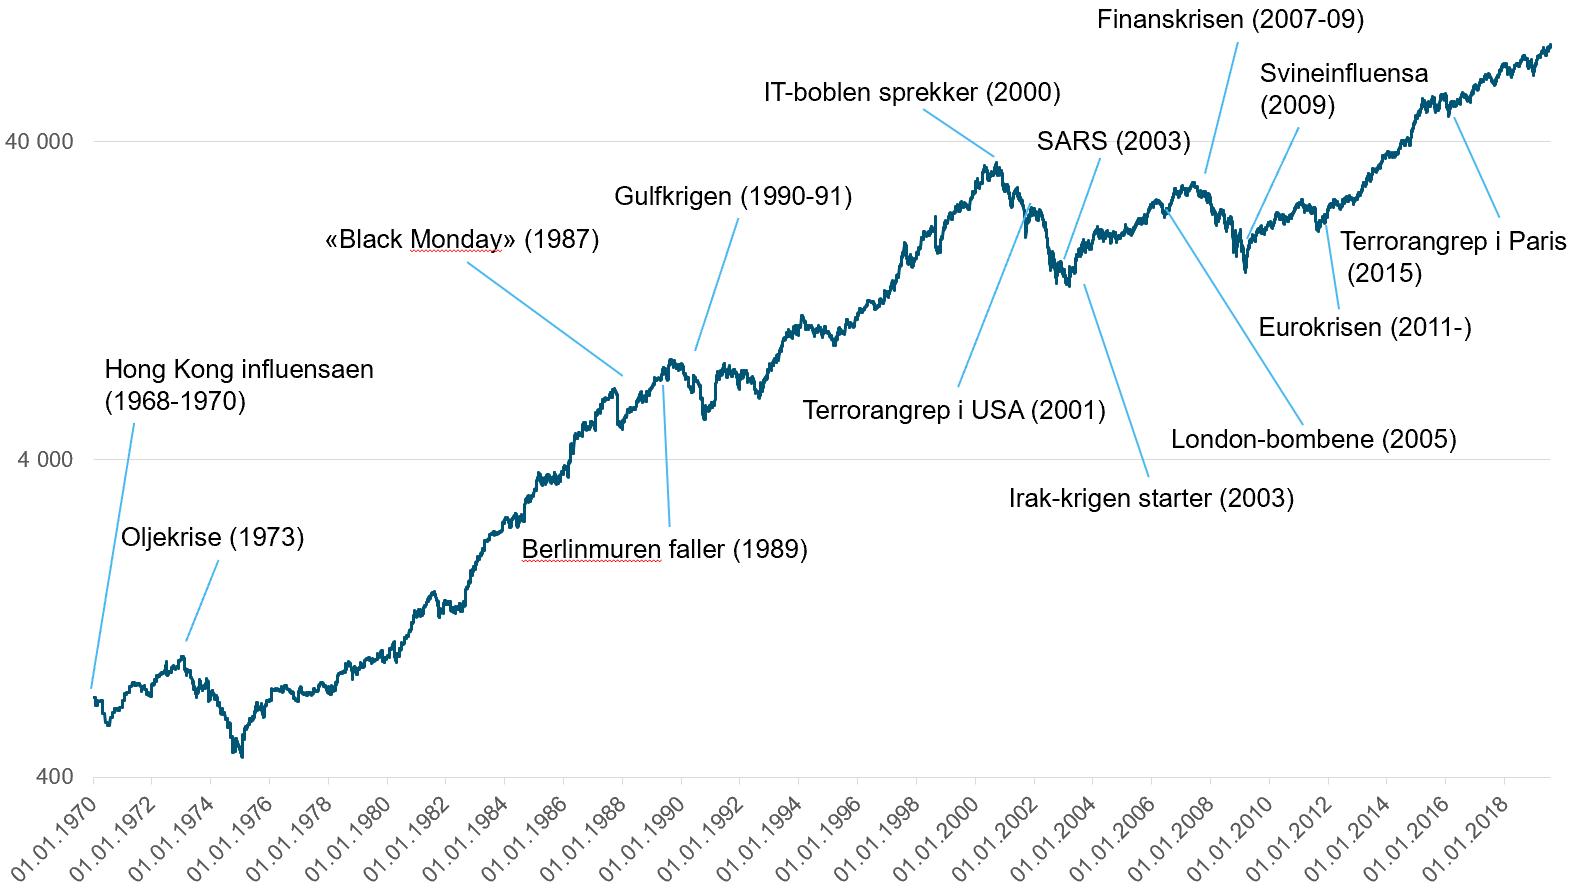 Her ser du hvordan det globale aksjemarkedet har utviklet seg fra 1970 og frem til 2020 til tross for flere kriser, katastrofer og pandemier. (Kilde: Bloomberg)